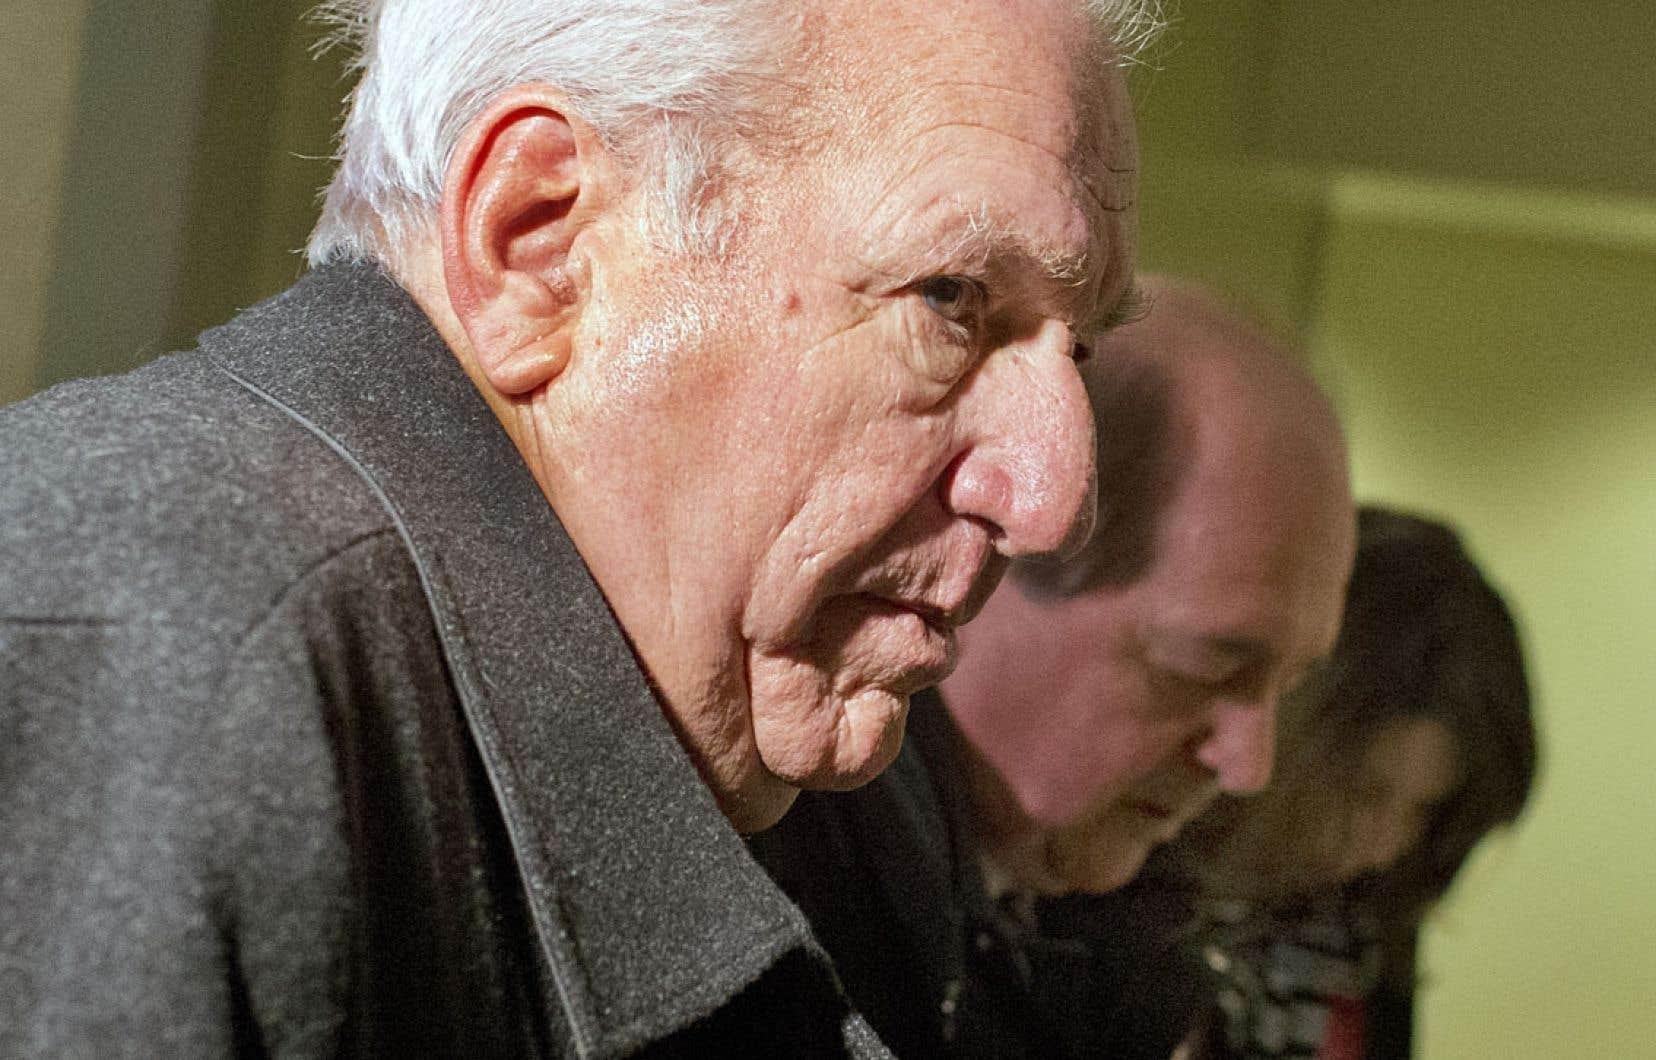 Bernard Trépanier aux côtés de ses avocats lors de son arrivée à la commission Charbonneau, mardi, où il était l'un des témoins les plus attendus.